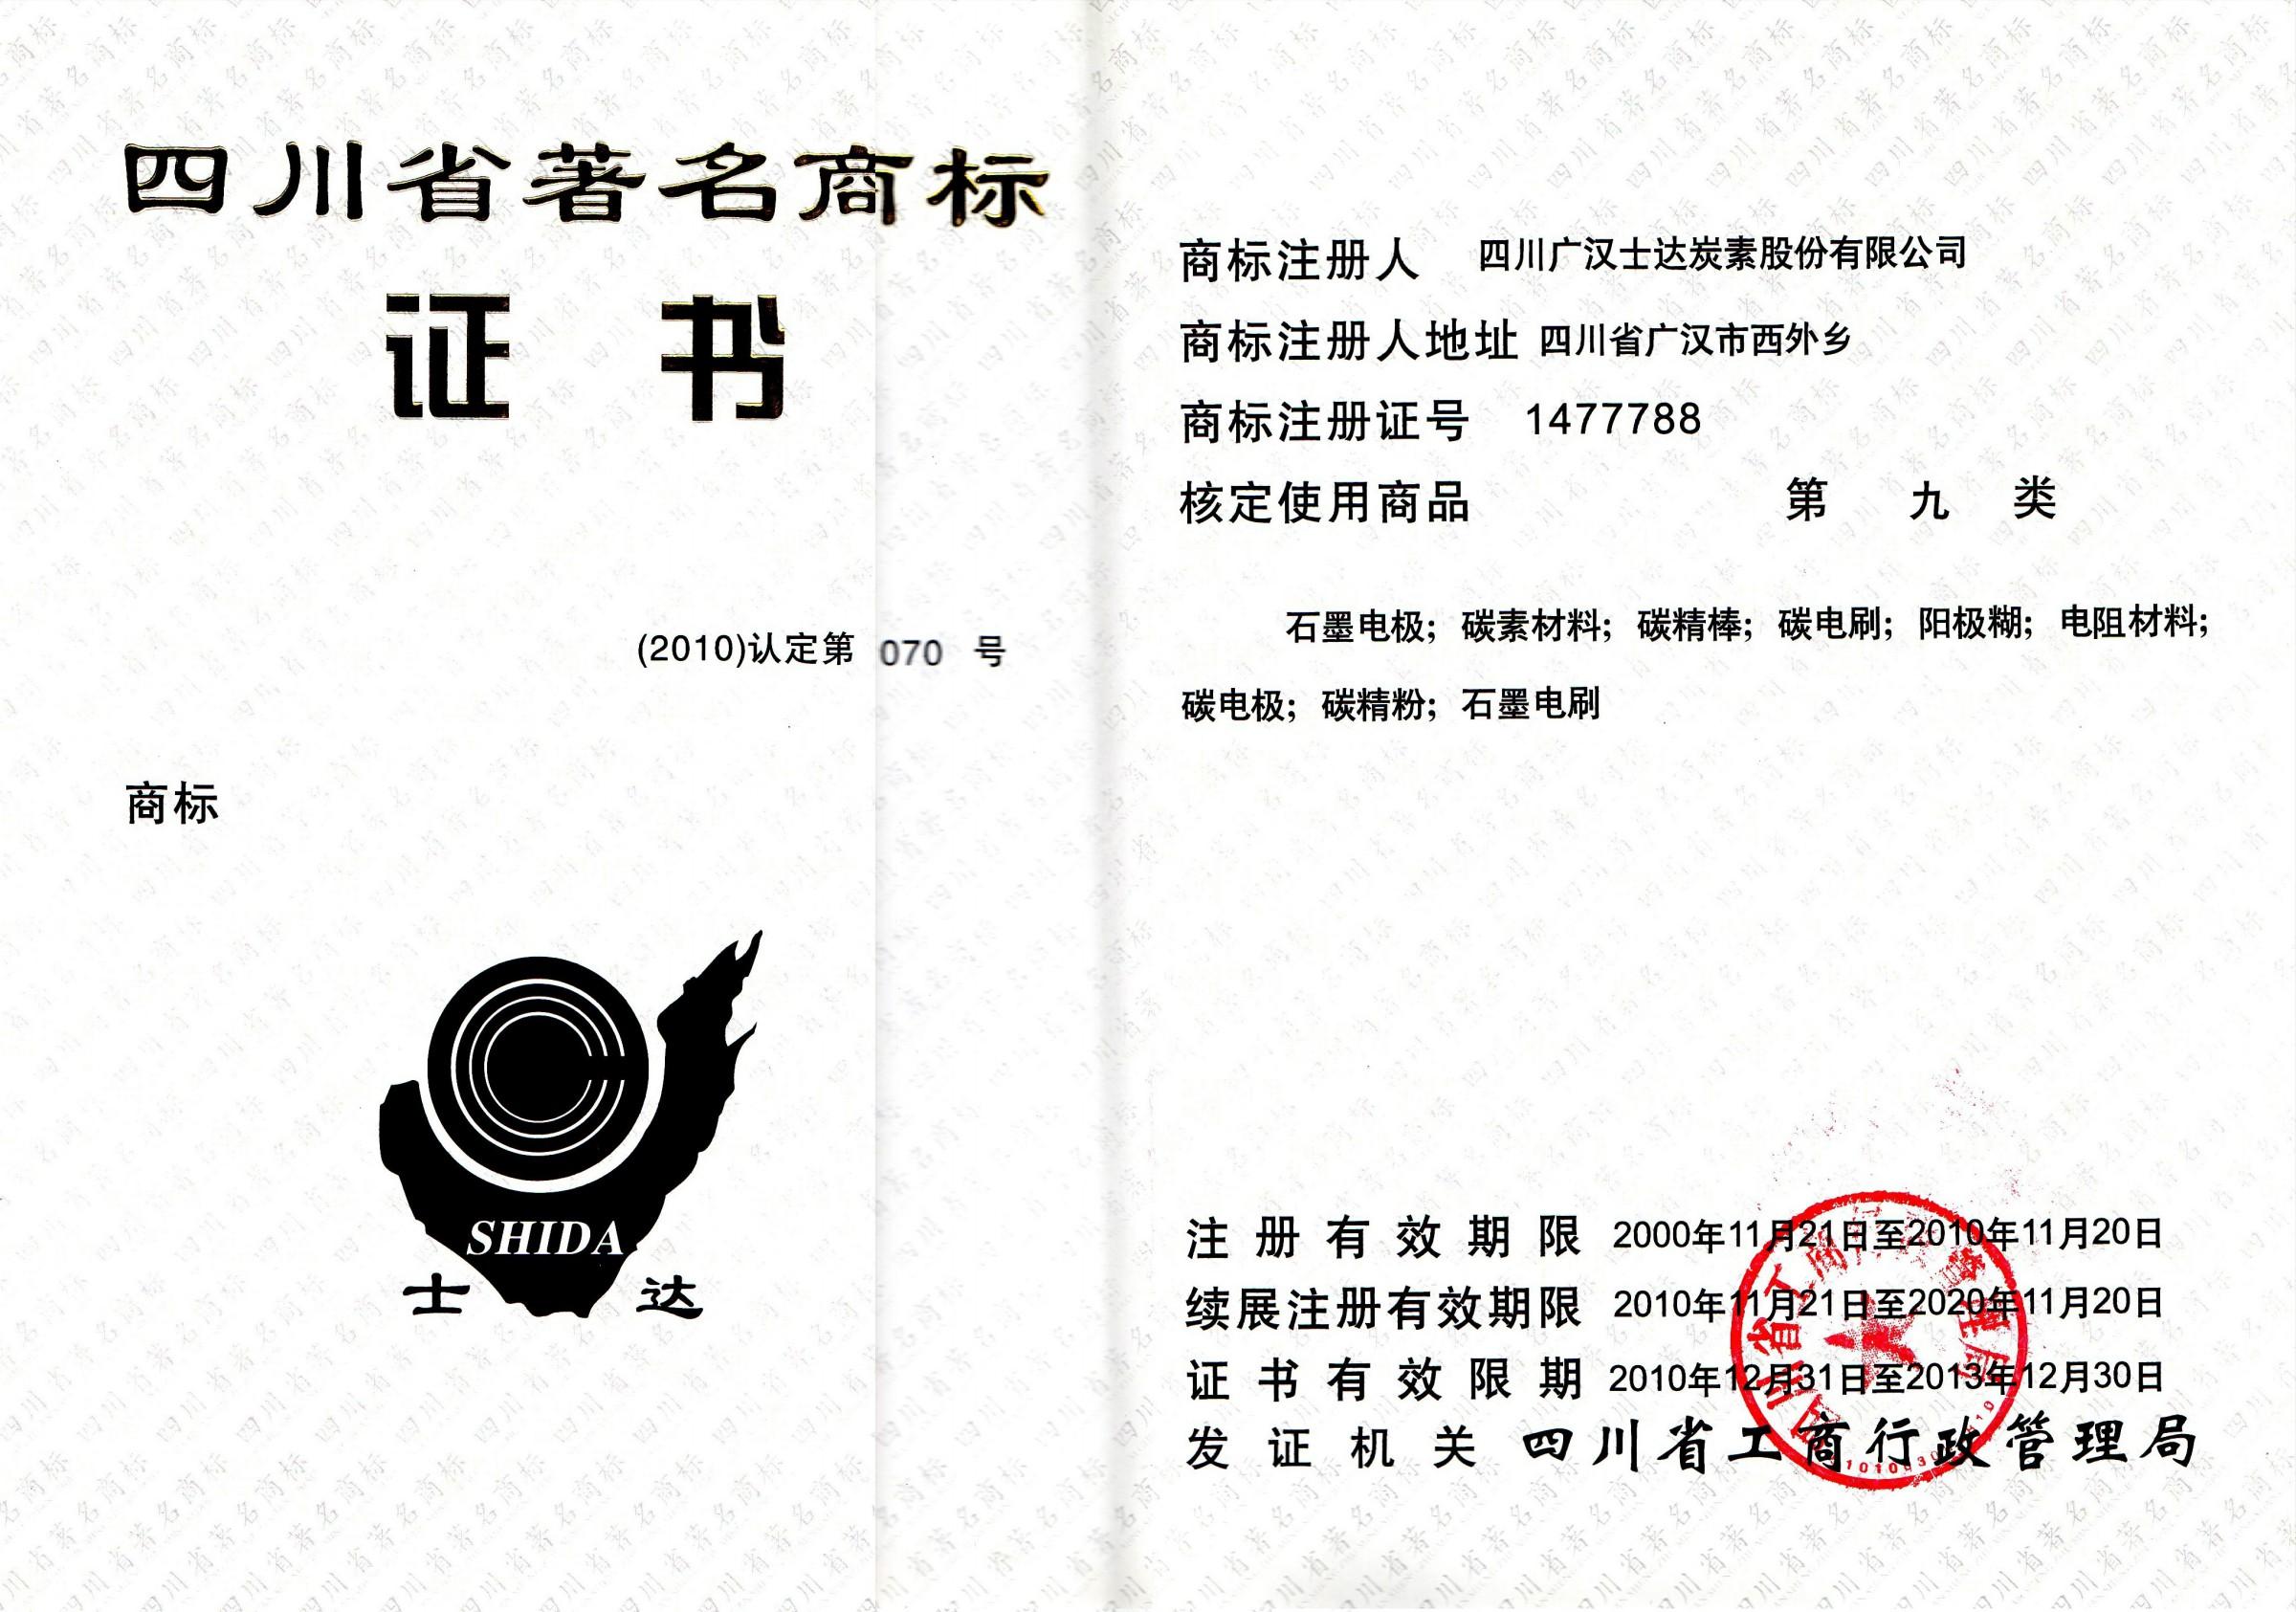 <span>四川省著名商标证书</span>